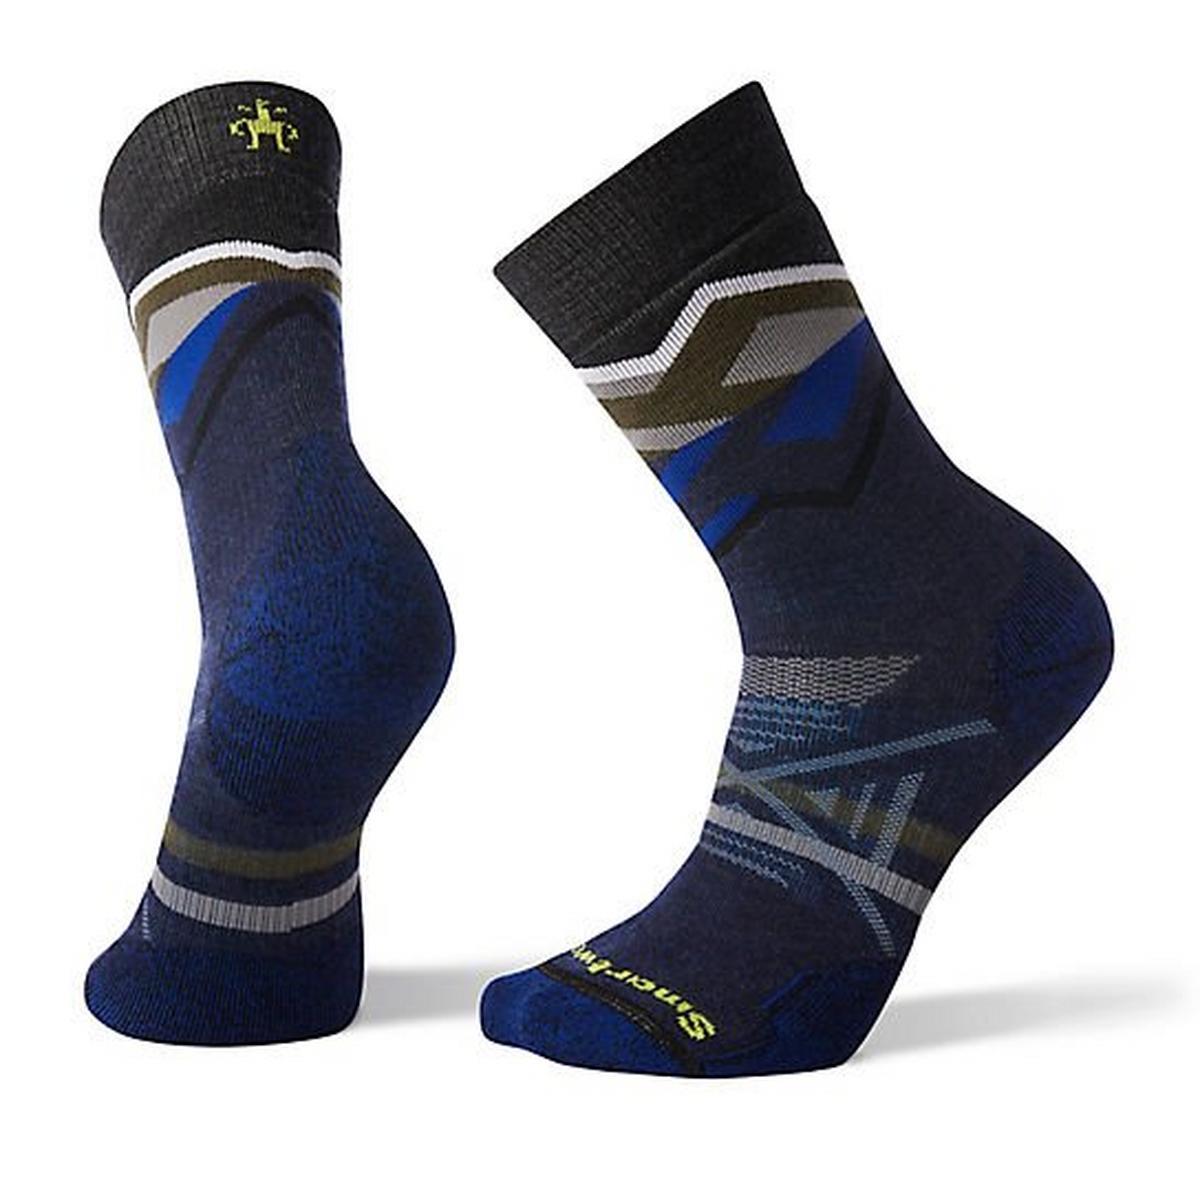 Smartwool Men's PHD Outdoor Medium Pattern Crew Socks